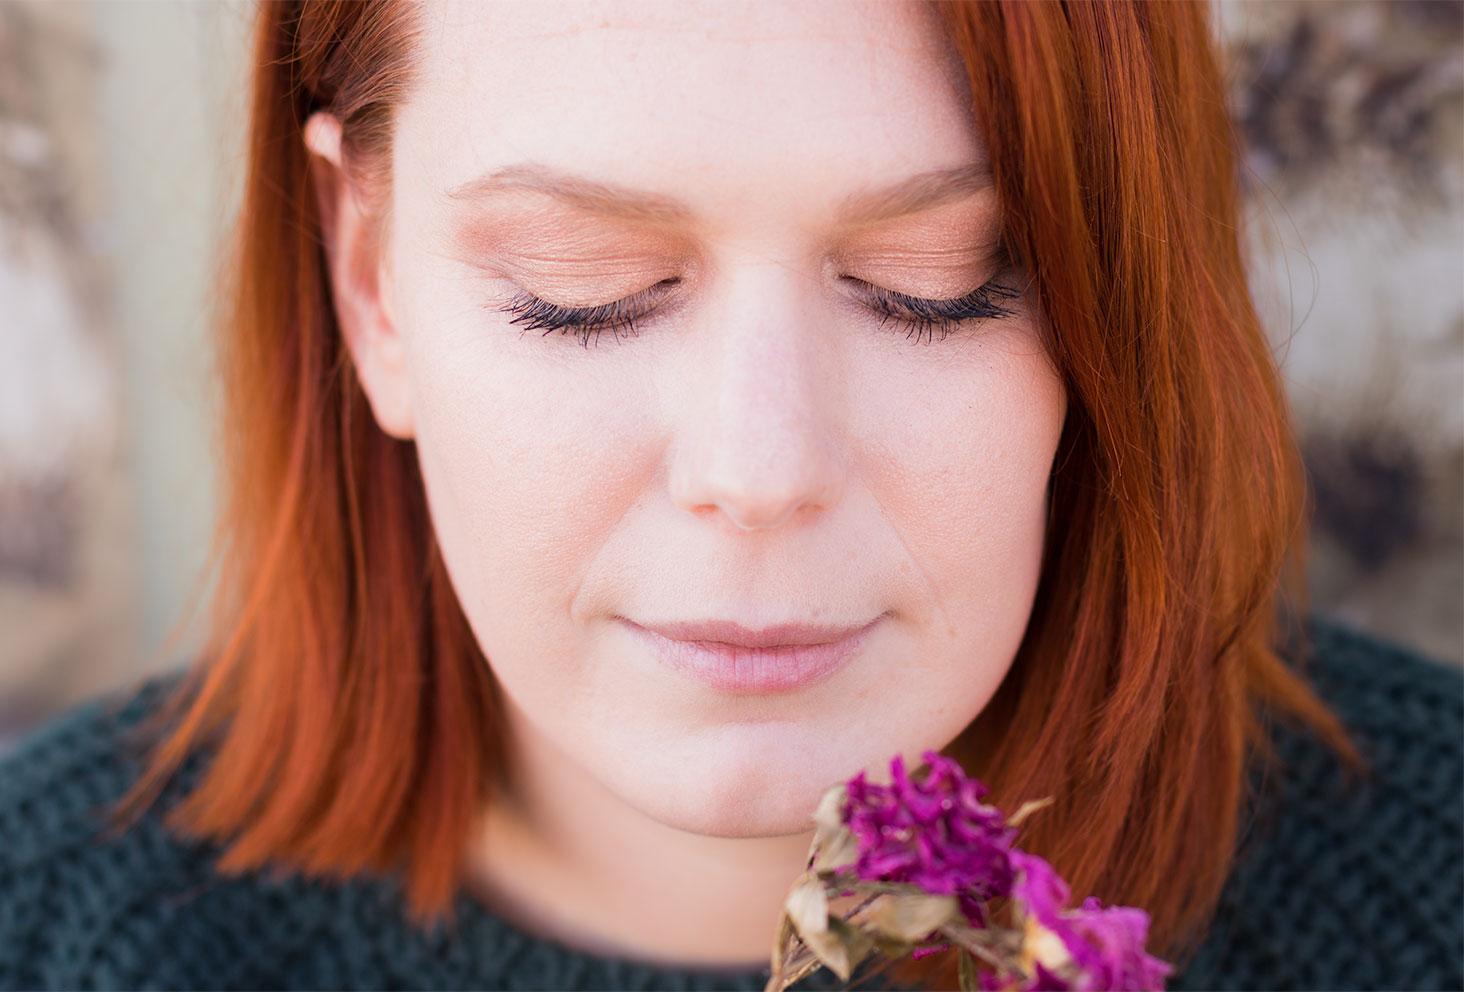 De face les yeux fermés, des fleurs séchées violettes dans les mains, zoom sur le make-up réalisé avec la palette Soft Glam d'Anastasia Beverly Hills